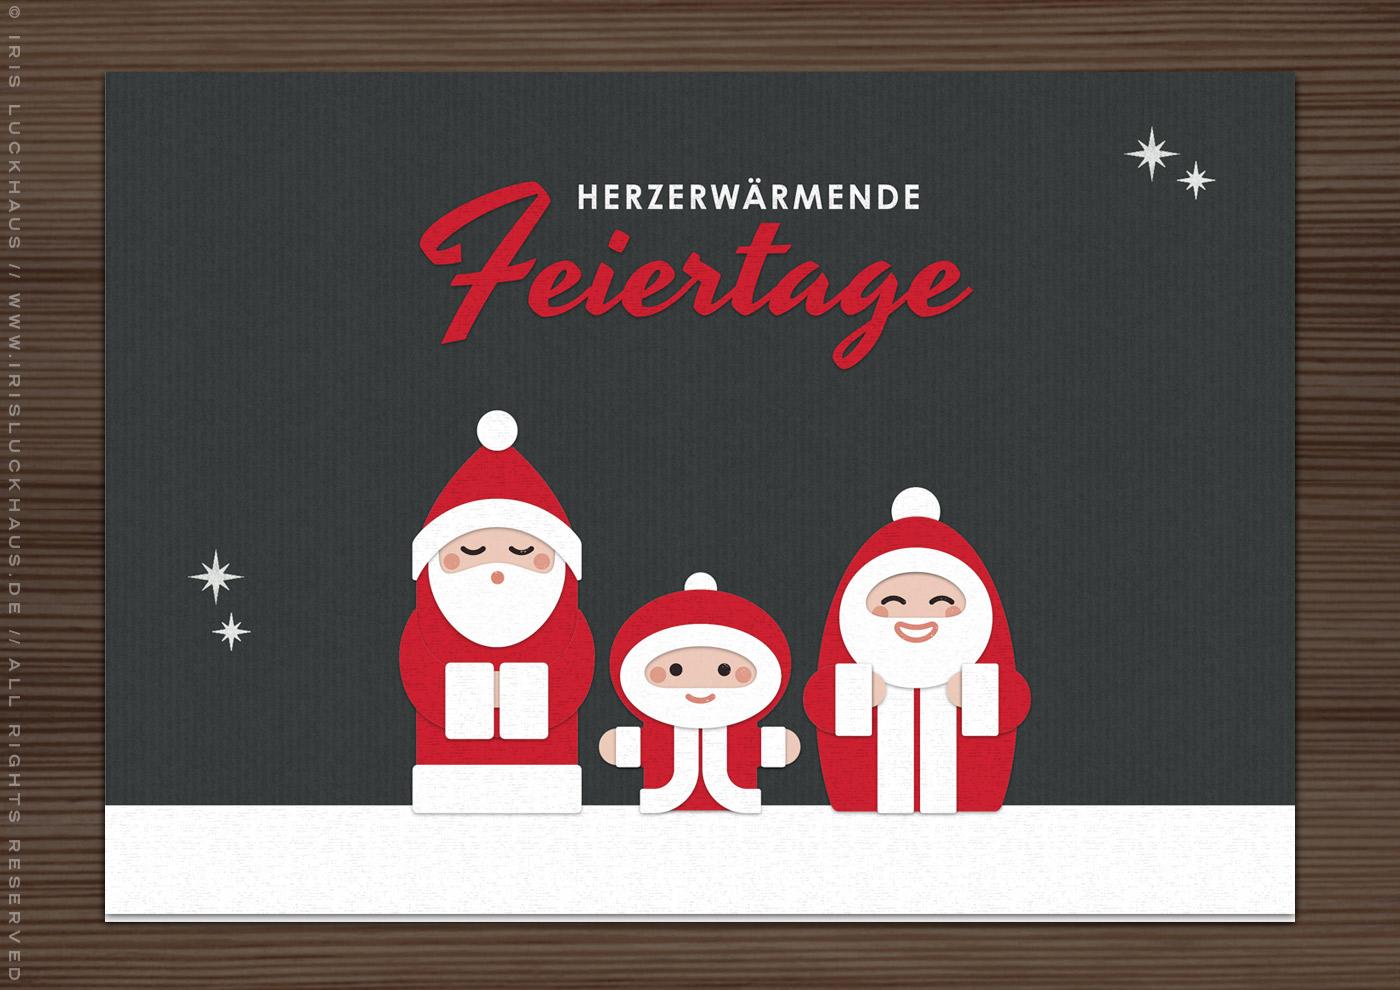 DIY Stempel und Stanzen zum Basteln von Karten, Postkarten und Geschenkanhängern mit niedlichem Nikolaus, süßem Weihnachtsmann und bezaubernden Santa von Iris Luckhaus für Charlie & Paulchen